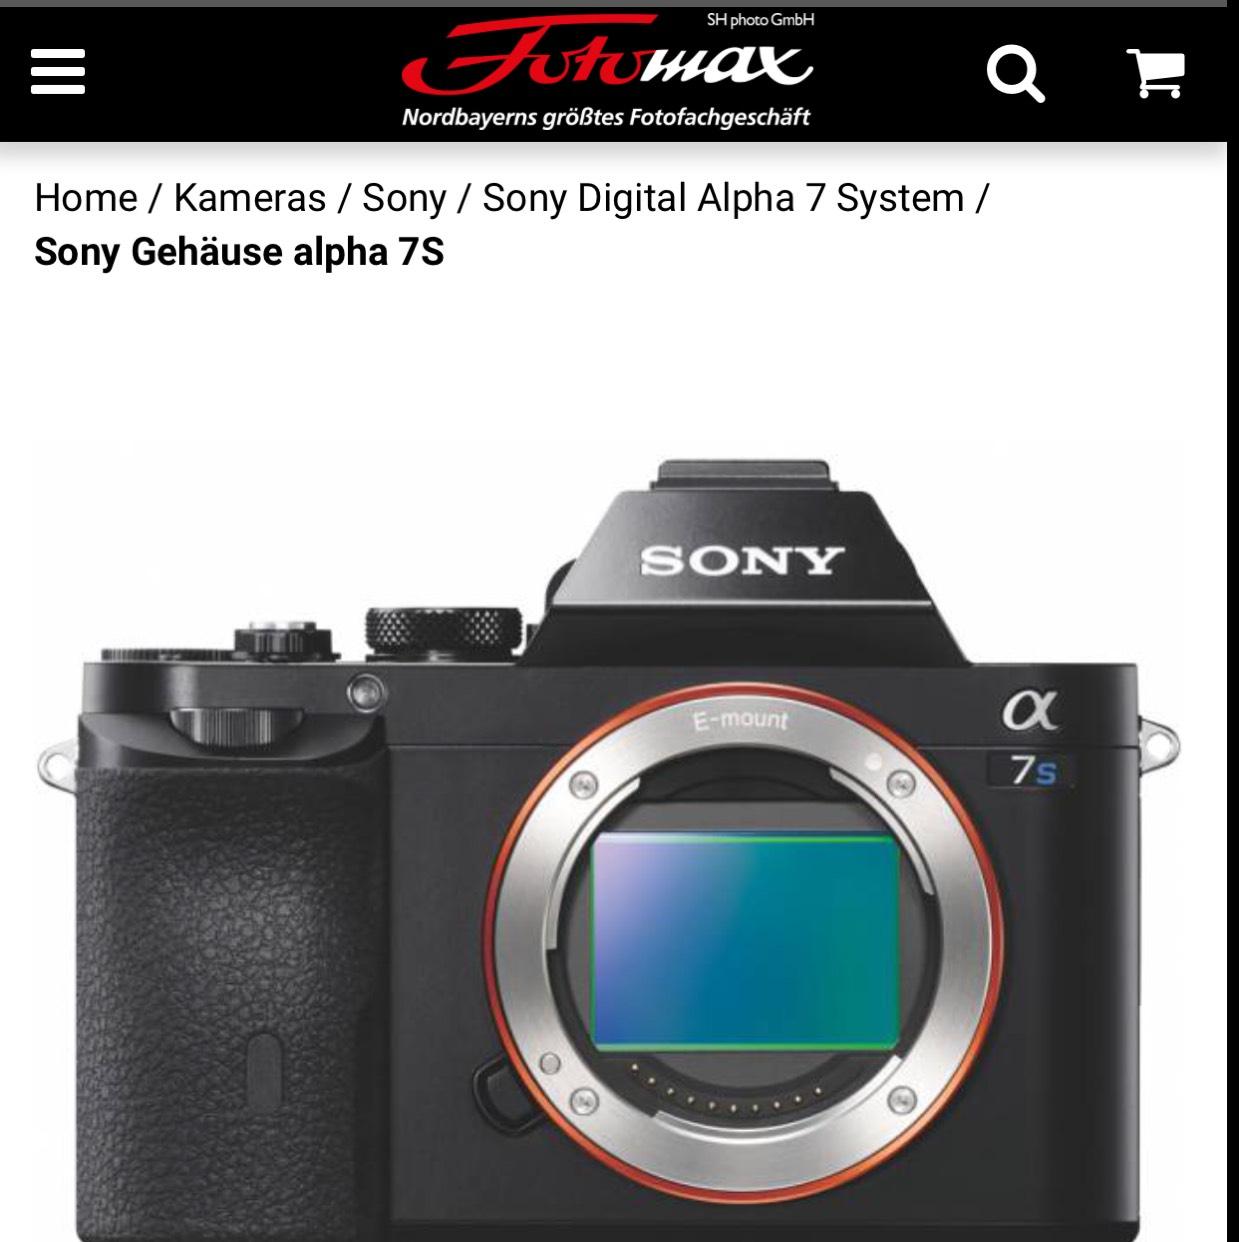 Sony alpha 7s für €1599 (Amazon fast 300€ teurer) online und offline Angebot